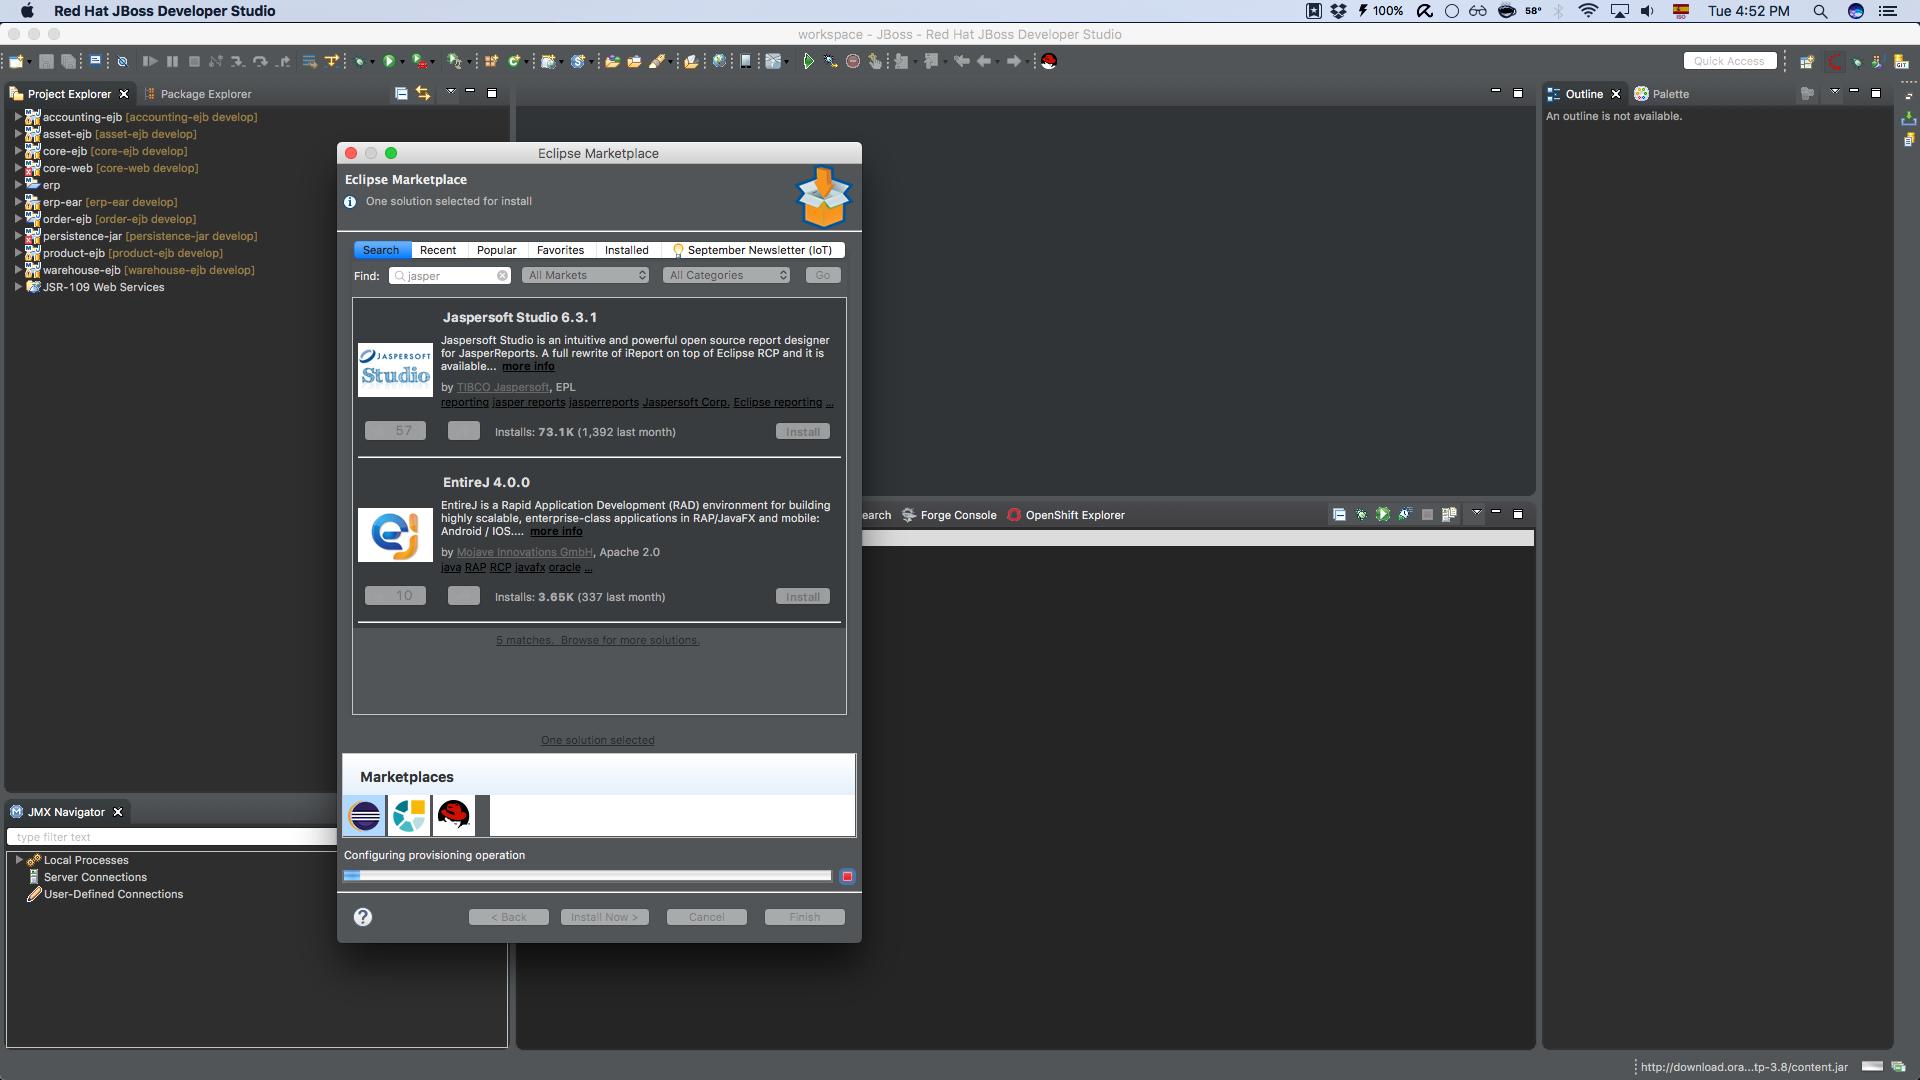 Quicktip] Add Eclipse Marketplace Client to JBoss Developer